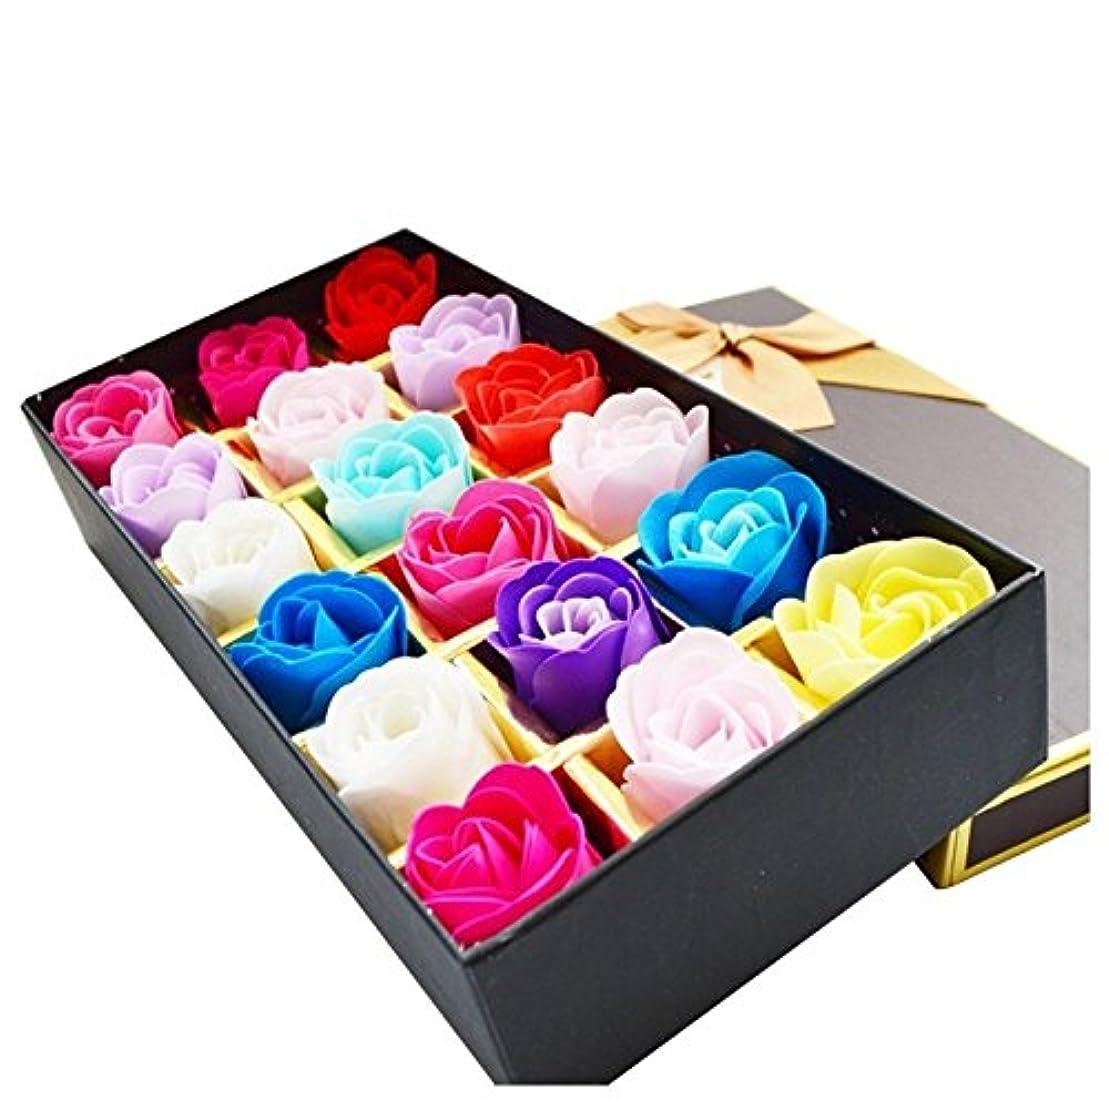 花弁確かなアライアンスローズ フラワーソープ 石鹸 薔薇 プレゼント お祝い ③ #335